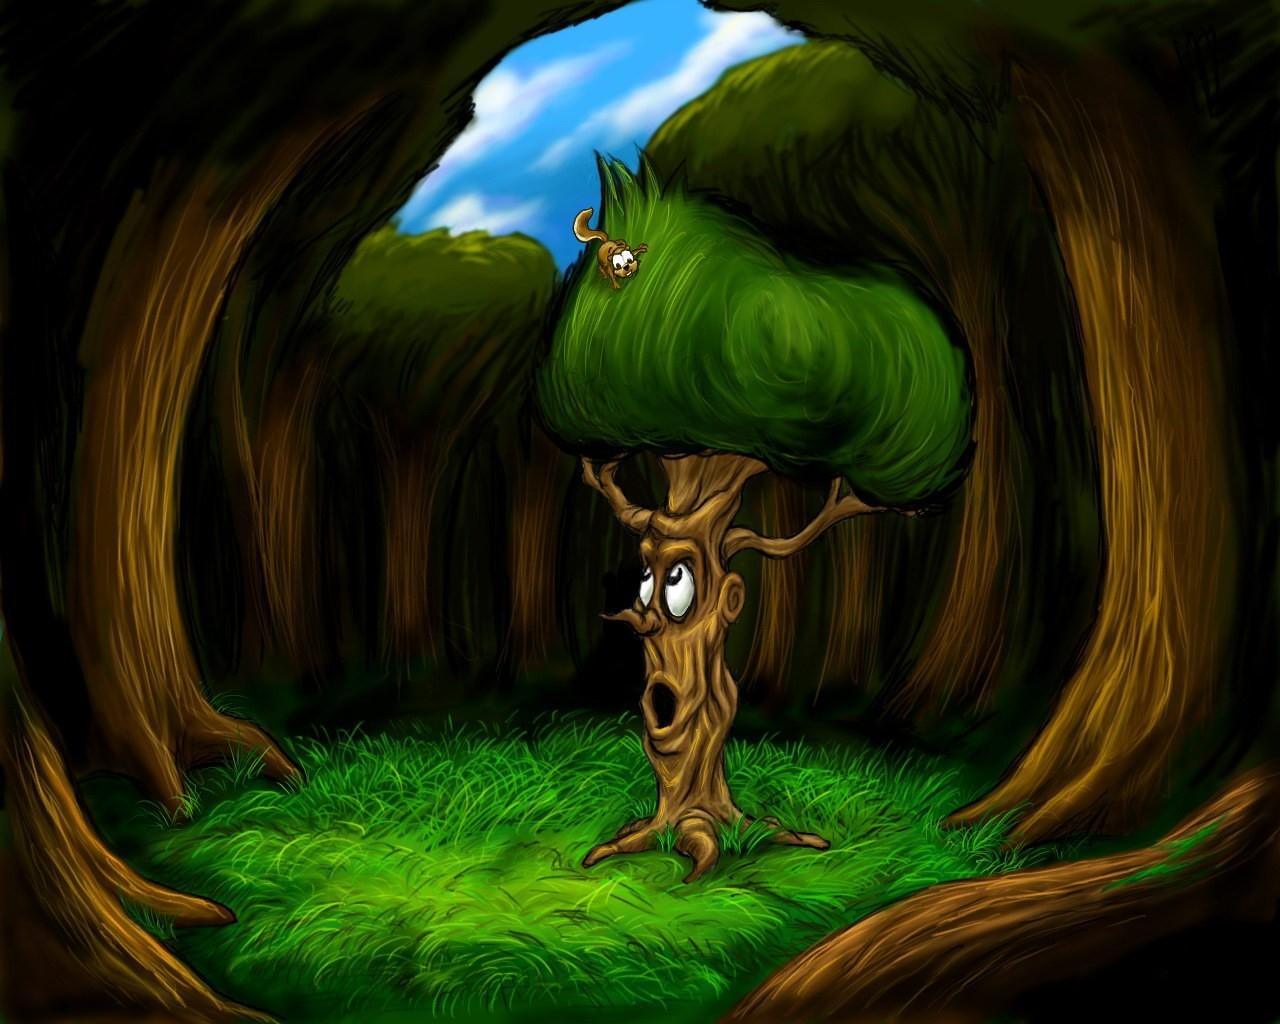 Скачать сохранения для Terraria (новый мир, спуск в ад, джунгли, полные сундуки и др.)